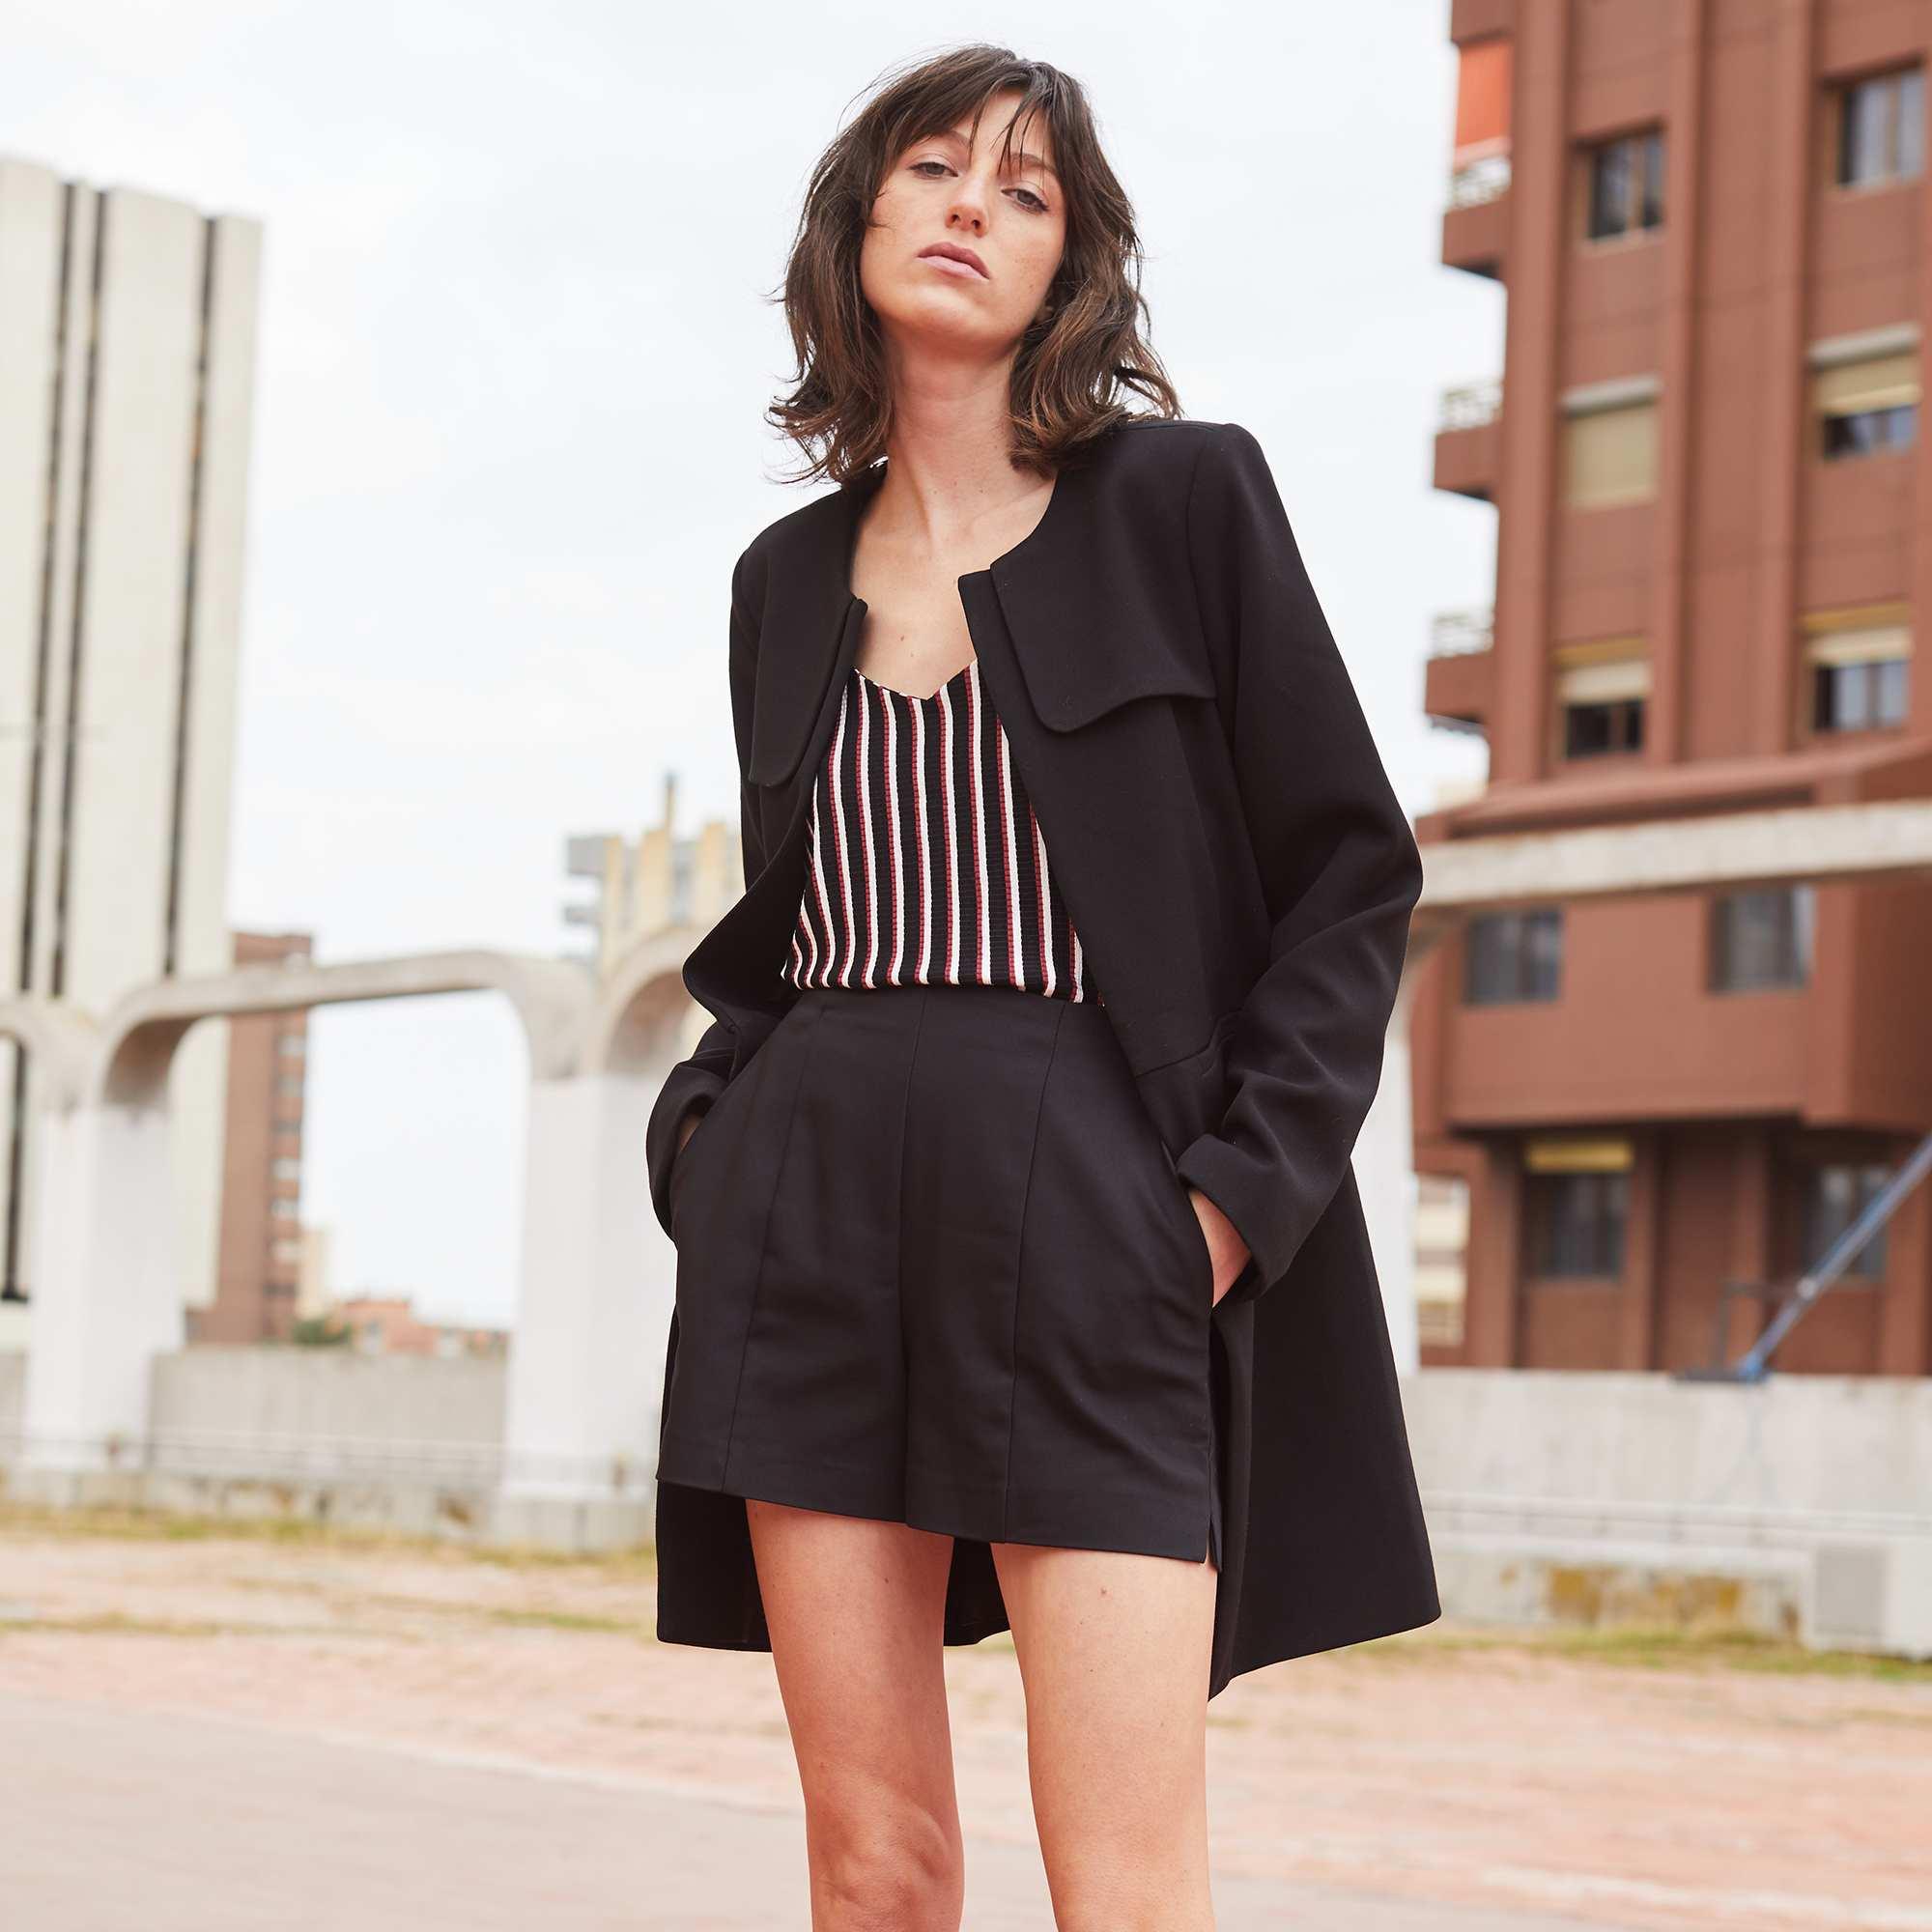 Short droit en satin de coton Femme - noir - Kiabi - 12 5bdd6515489